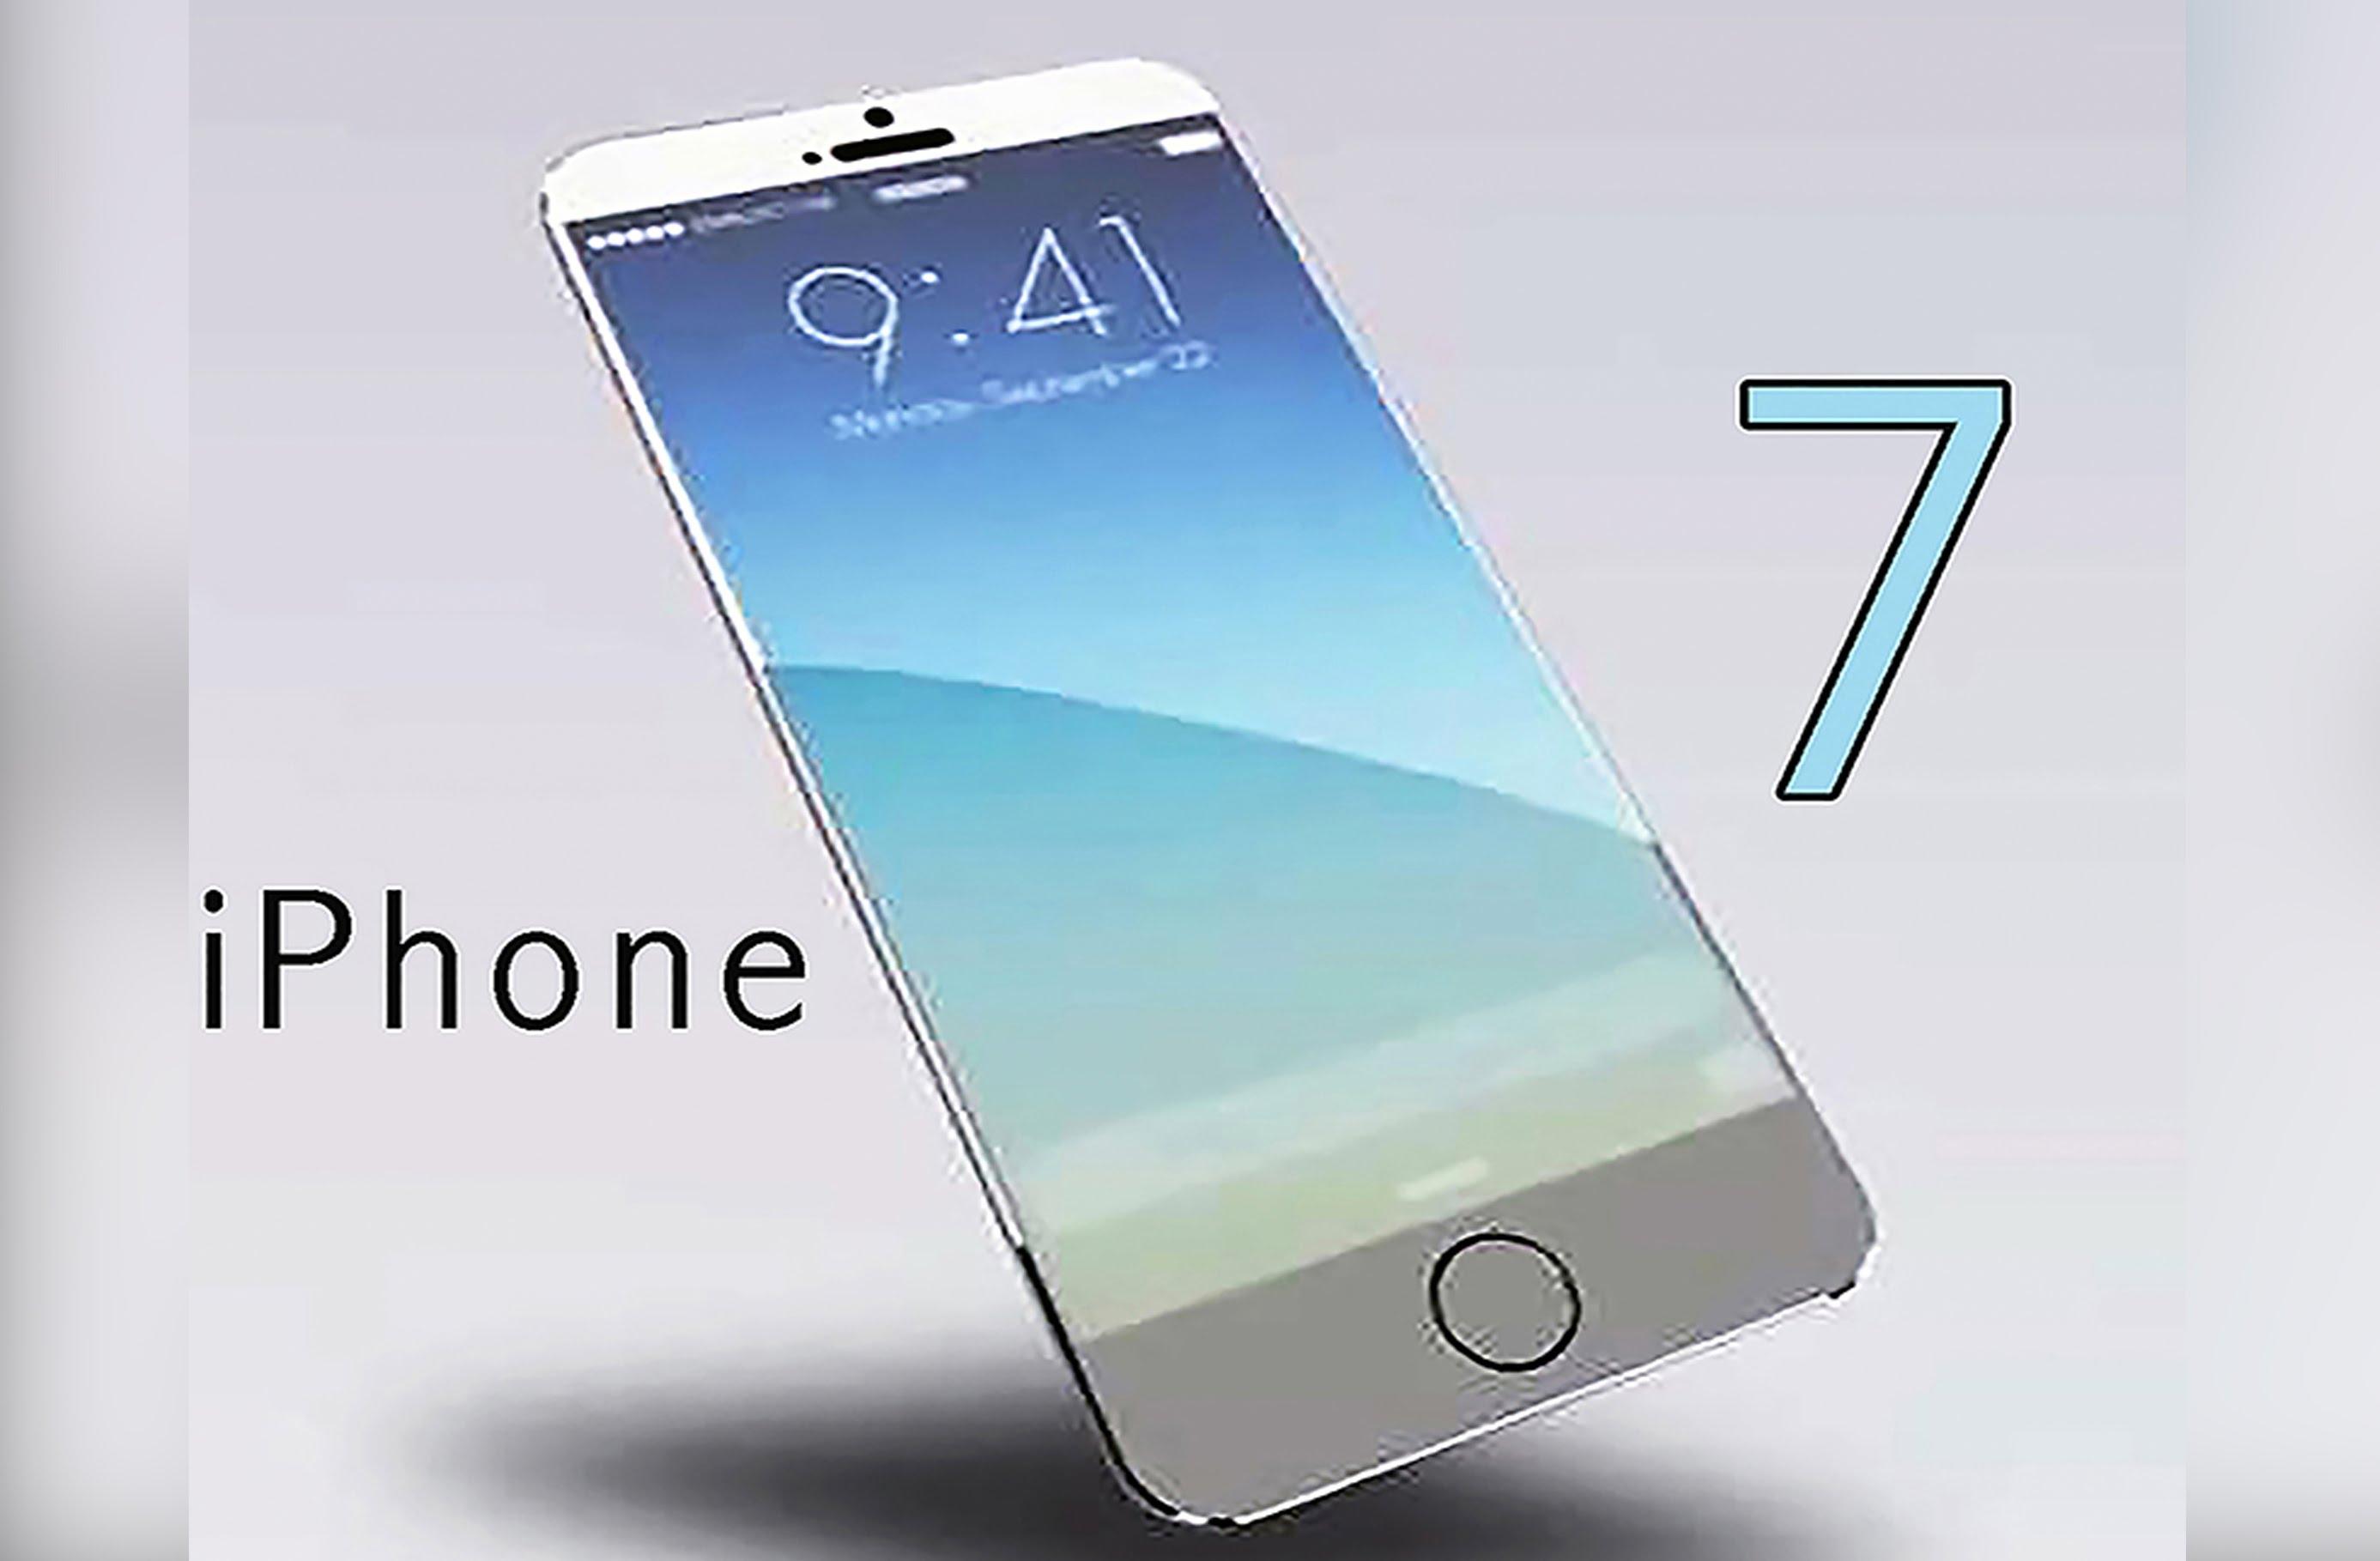 wir bringen news technik unterhaltung freizeit das neue iphone 7 mit intel chip. Black Bedroom Furniture Sets. Home Design Ideas